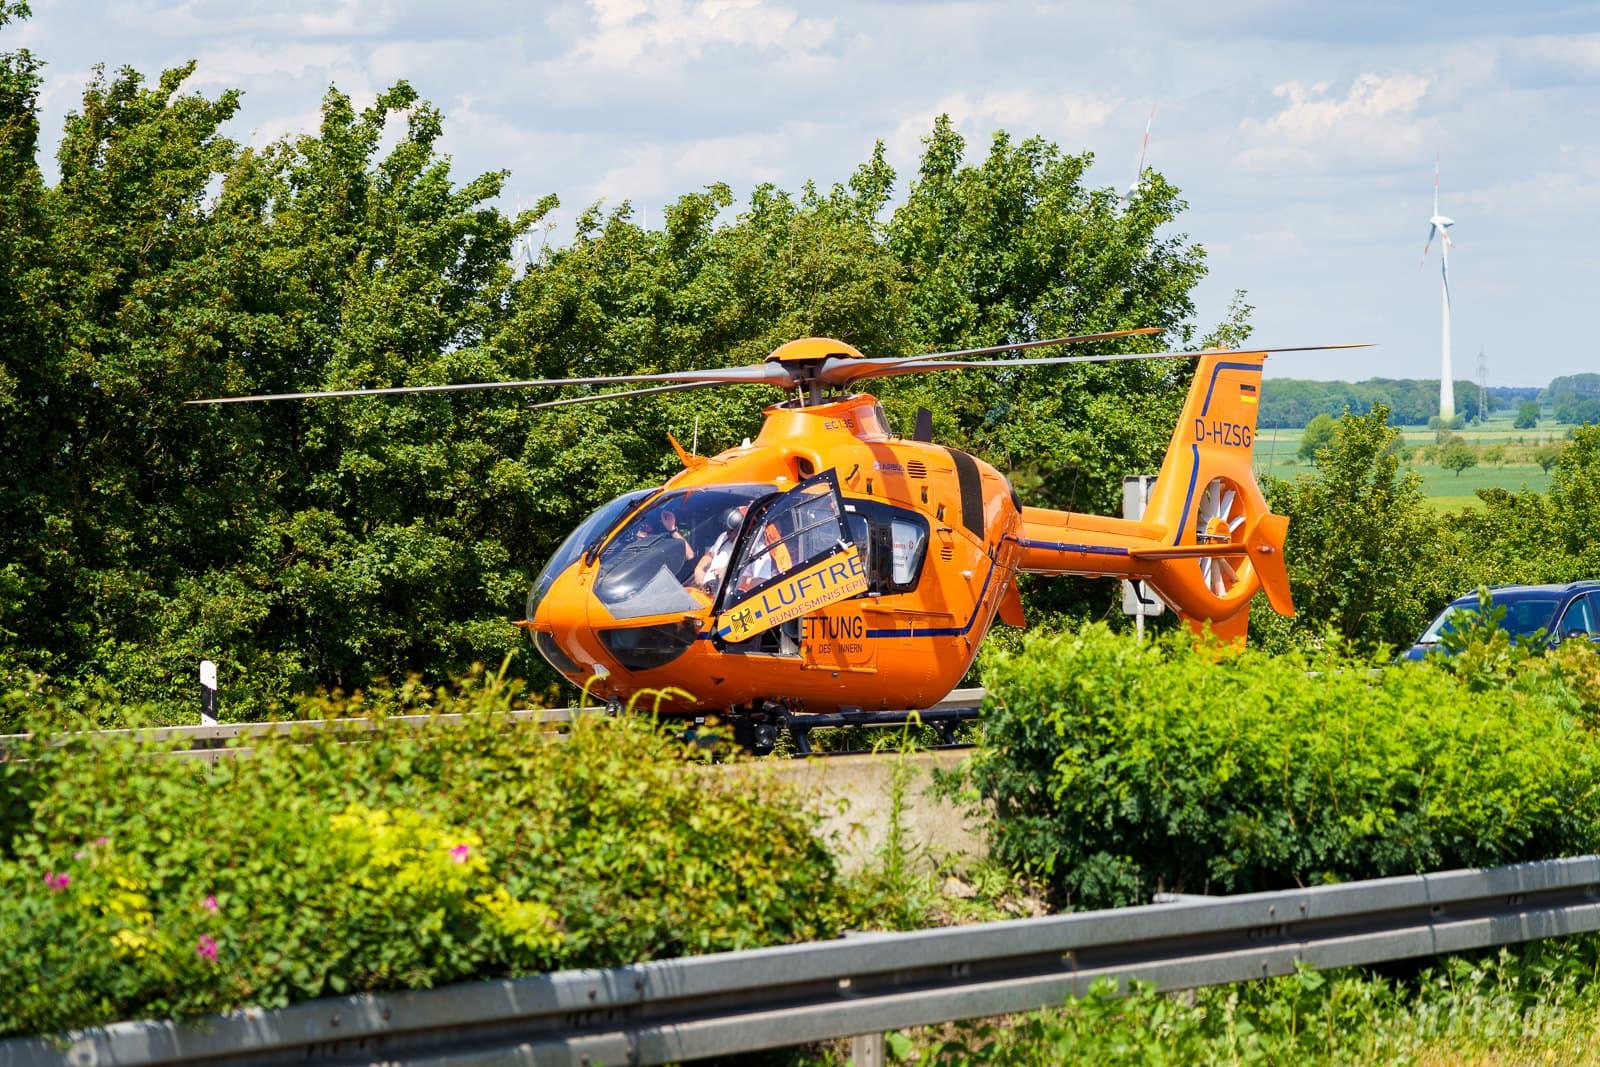 Rettungshubschrauber Christoph 4 an der Einsatzstelle auf der A2 (Foto: n112.de/Stefan Simonsen)